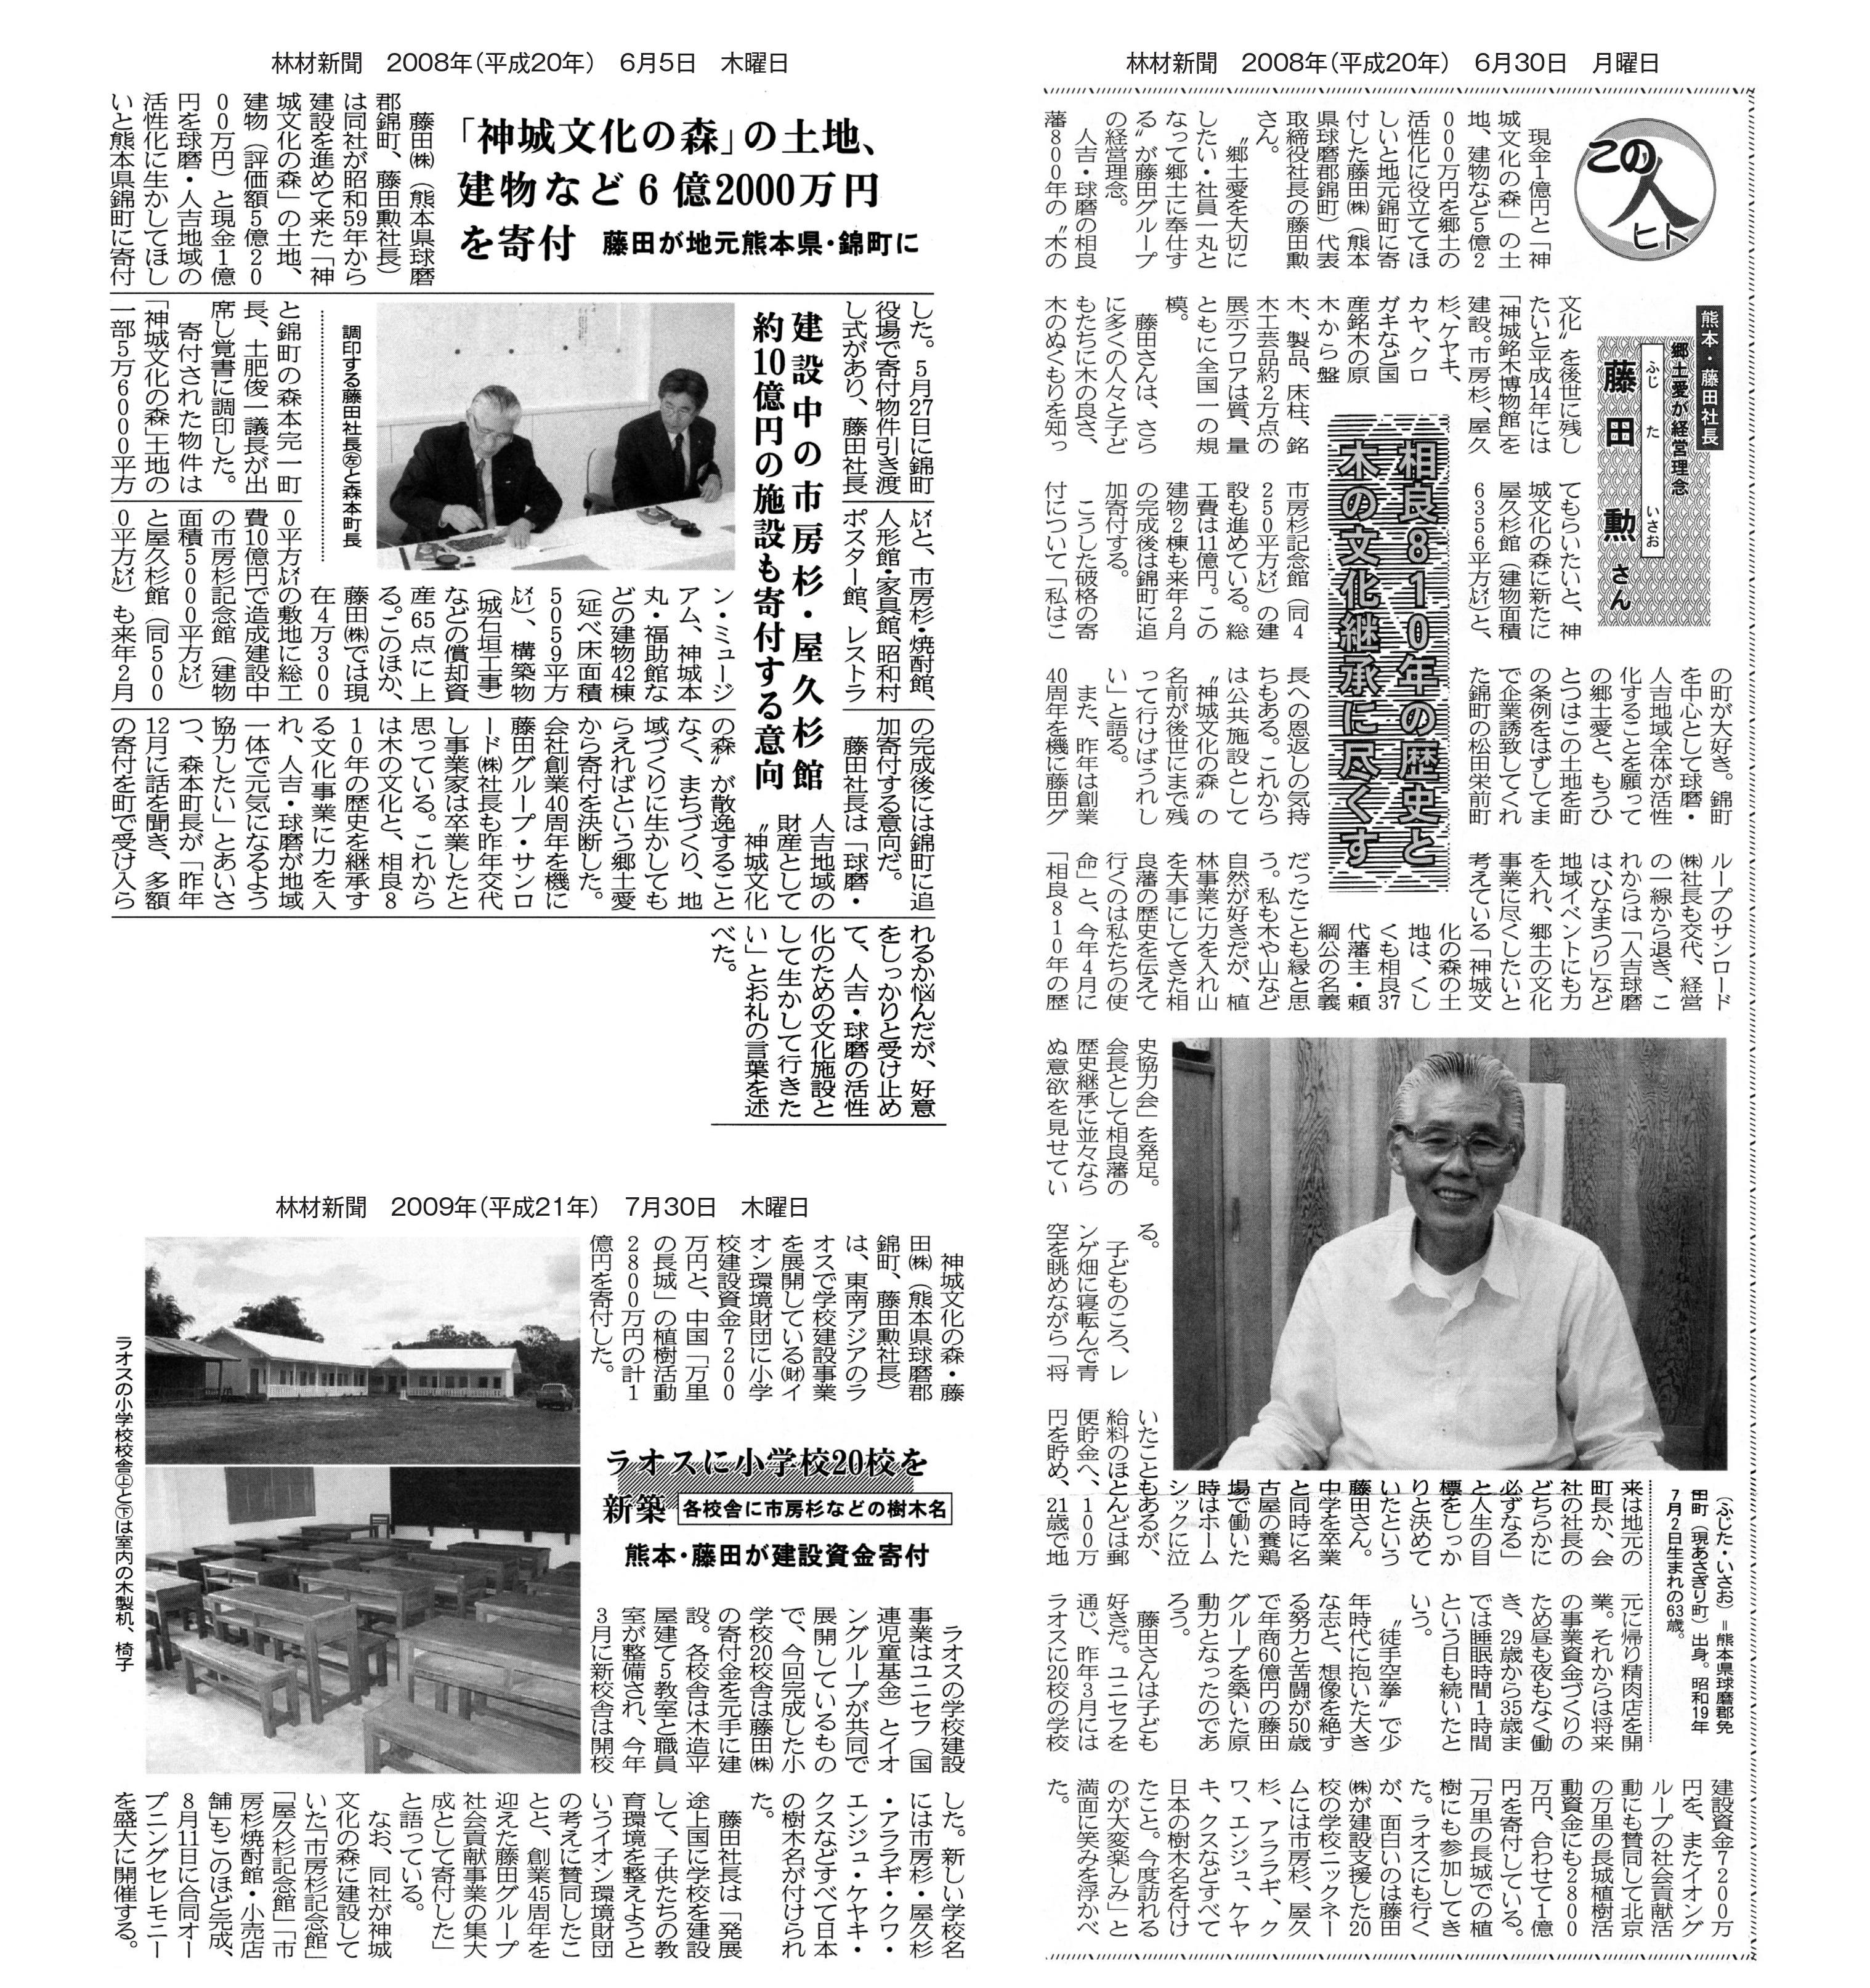 藤田勲 新聞記事